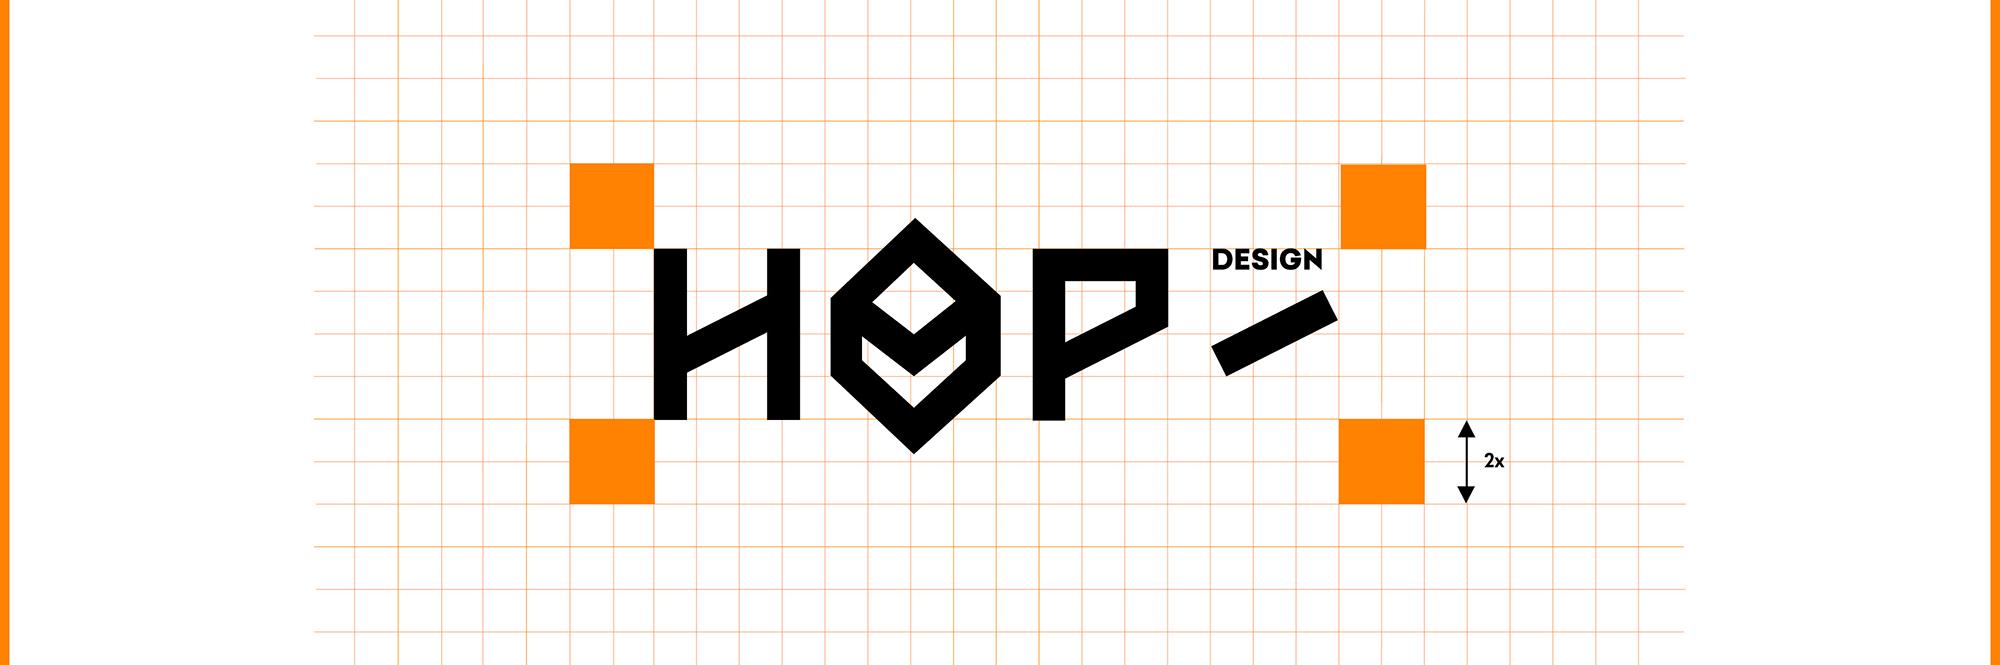 brandbook hop design by nina gregier (5)